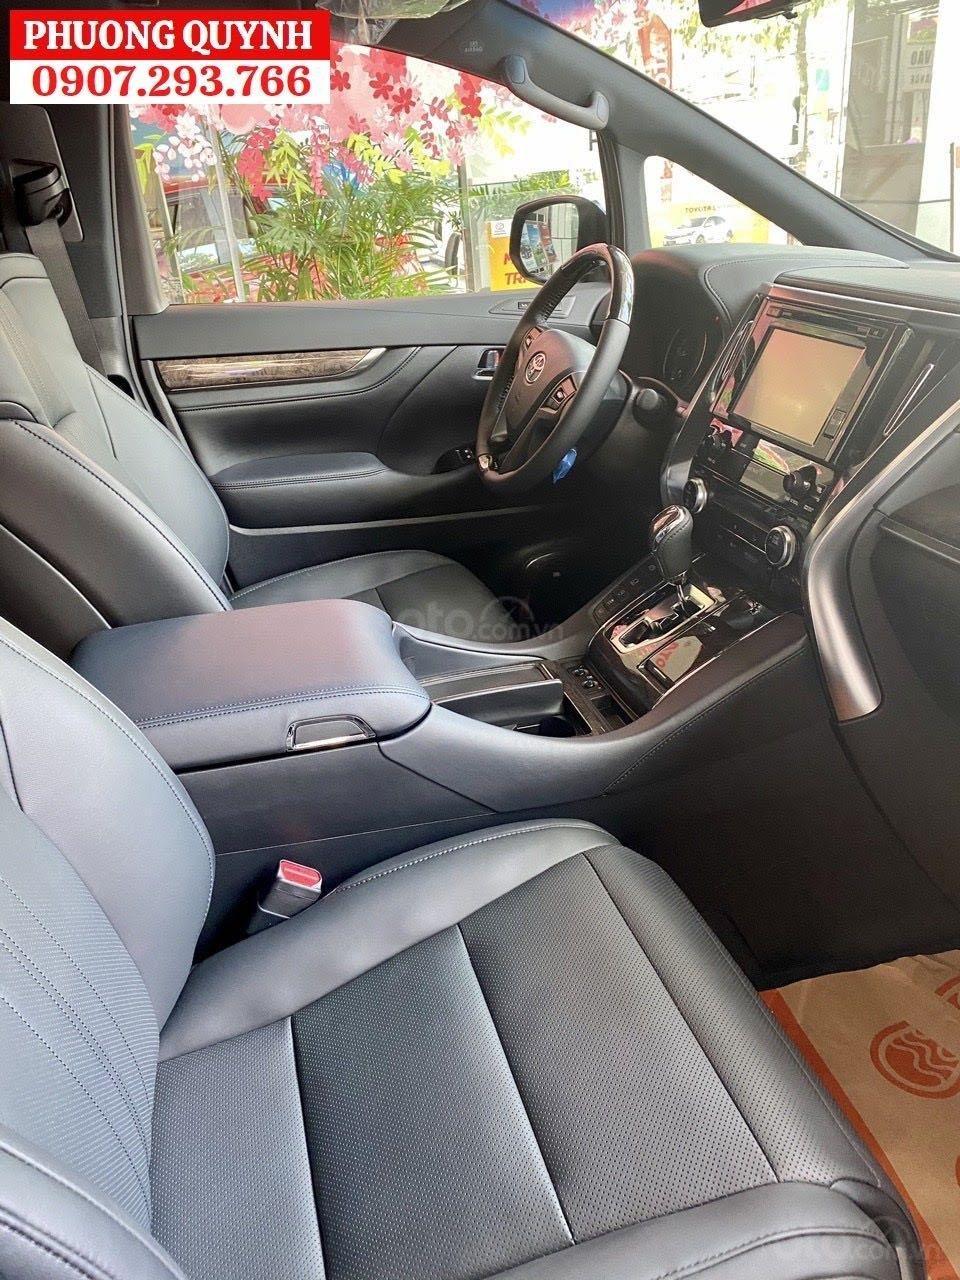 Toyota Alphard - Chuyên cơ mặt đất - đẳng cấp thương gia (10)